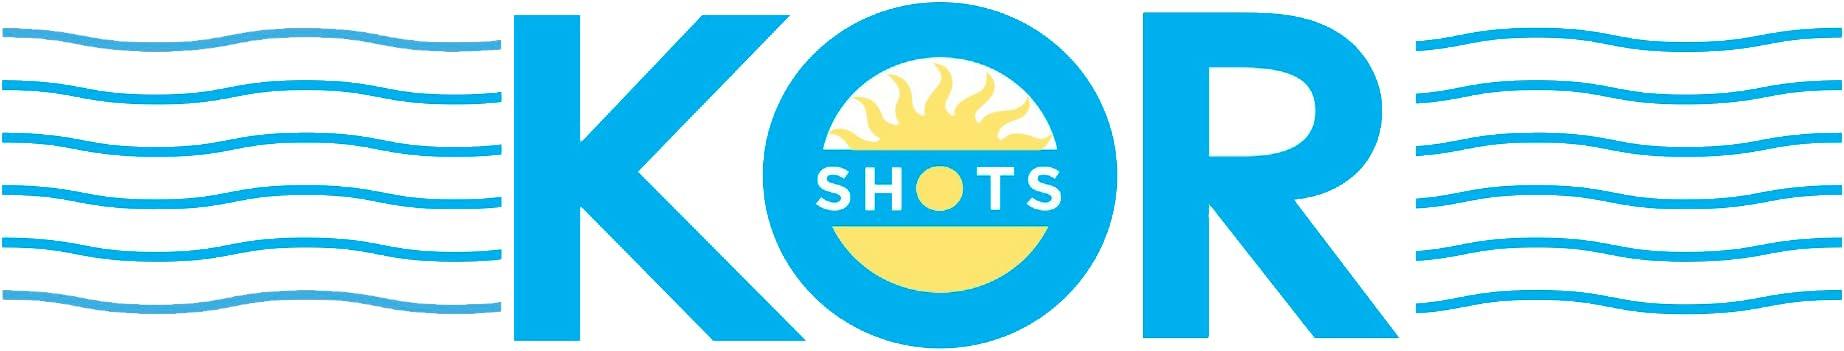 Kor Shot